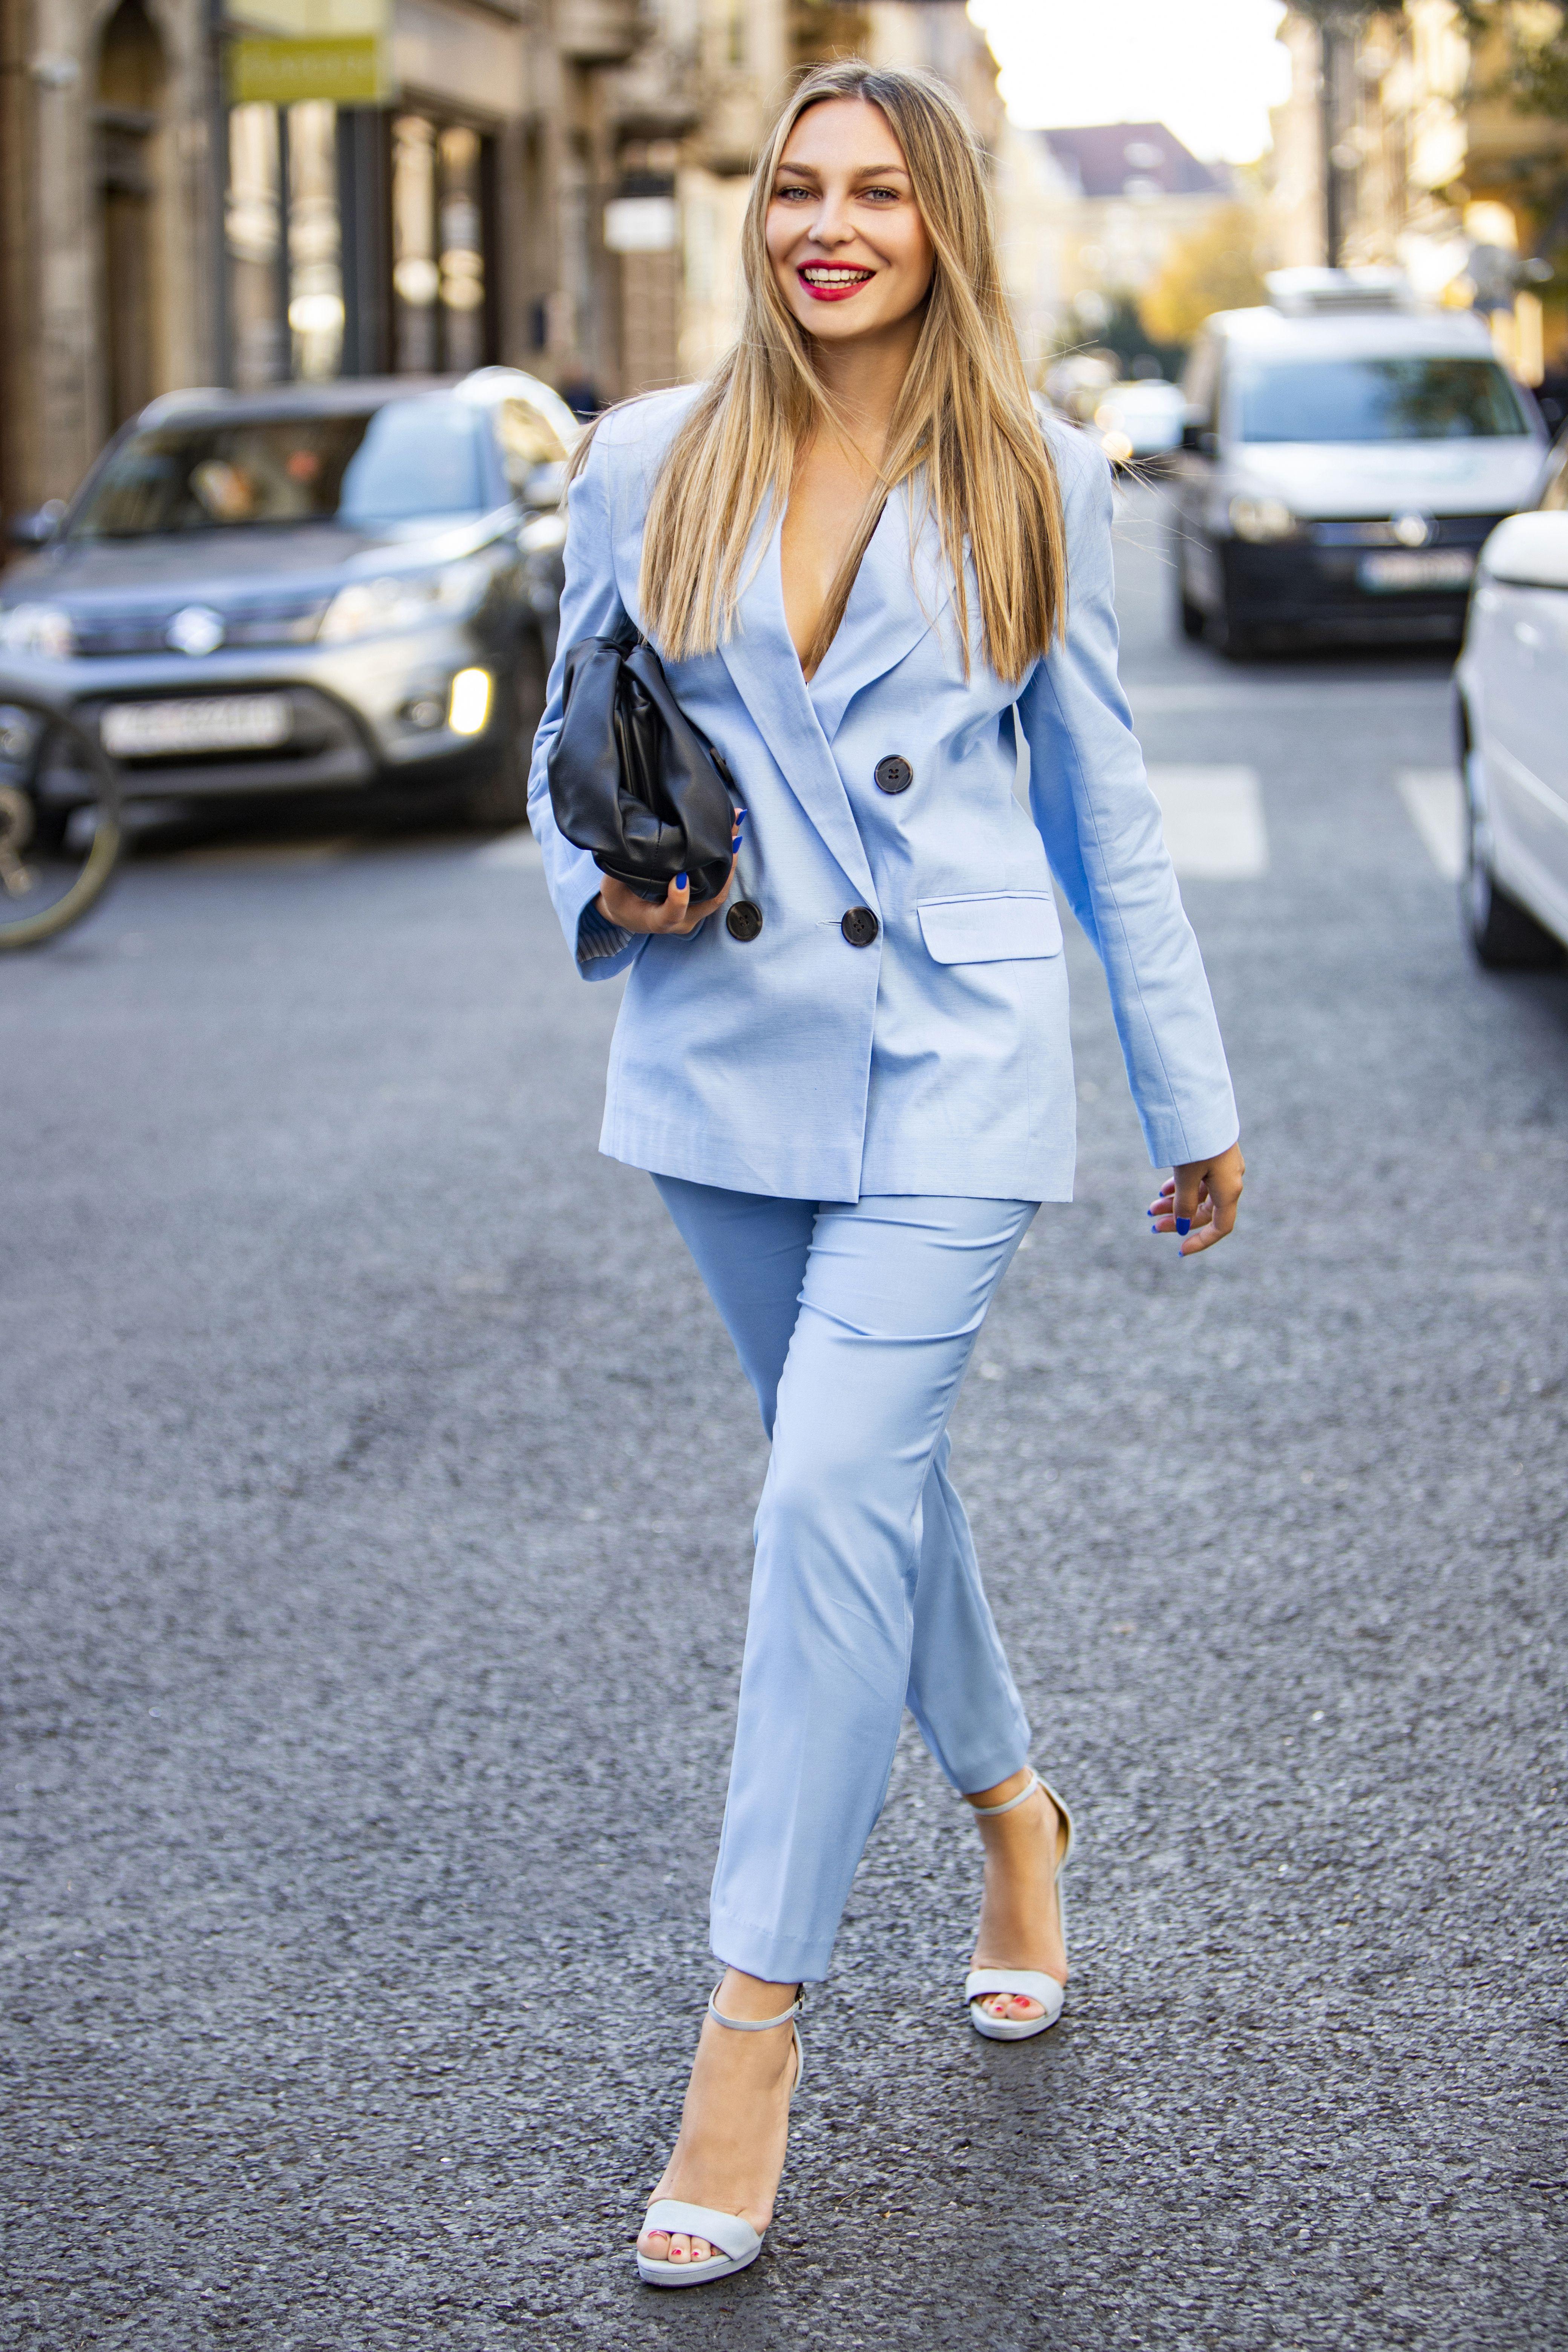 Blogerica Sonja Kovač nosi najpopularniju 'napuhnutu' torbu ove sezone